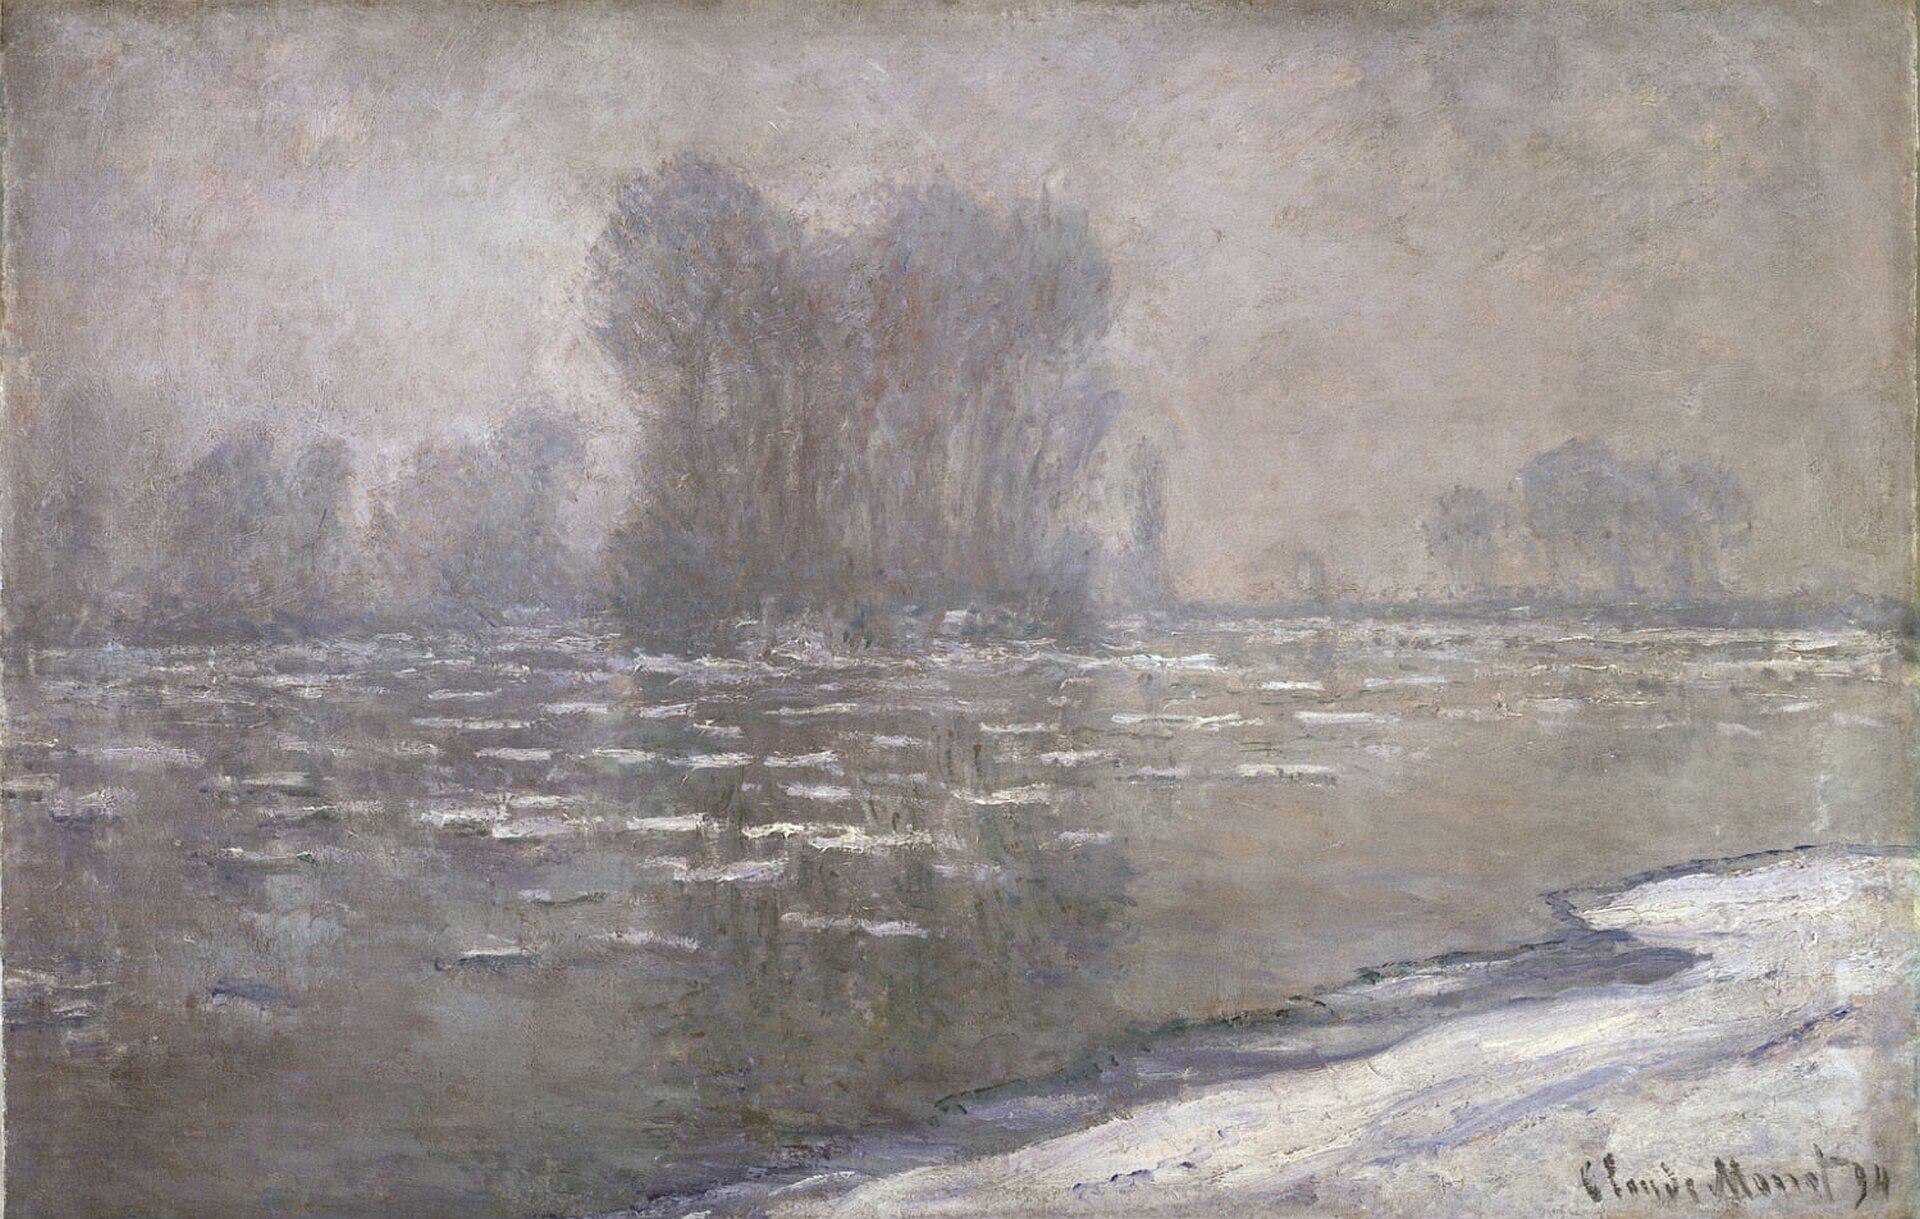 """Ilustracja przedstawia dzieło Calude Moneta """"Kry wglisty poranek"""". Artysta przedstawił rzekę, na które znajdują się zmarznięte kry. Dzieło pokazuje zimową scenerię. Ma wsobie dużo bieli iszarości"""